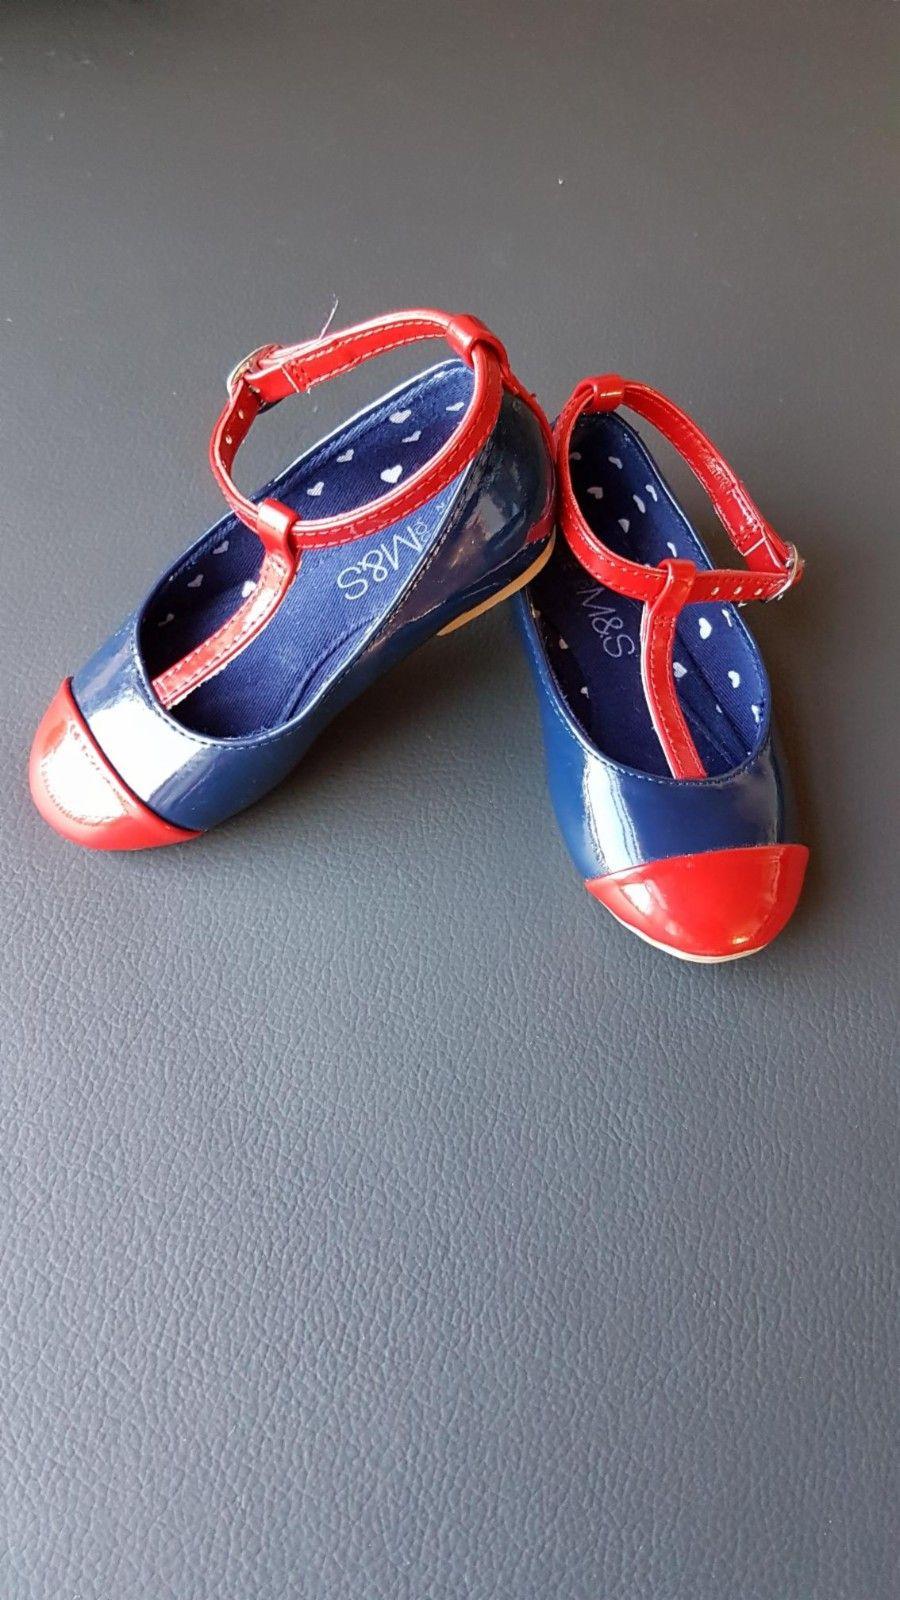 4e3b069cf04 Yours M&S brend sko. Str. 21.5. Brukt kun en gang. Veldig fine. 120kr.  (1/28)